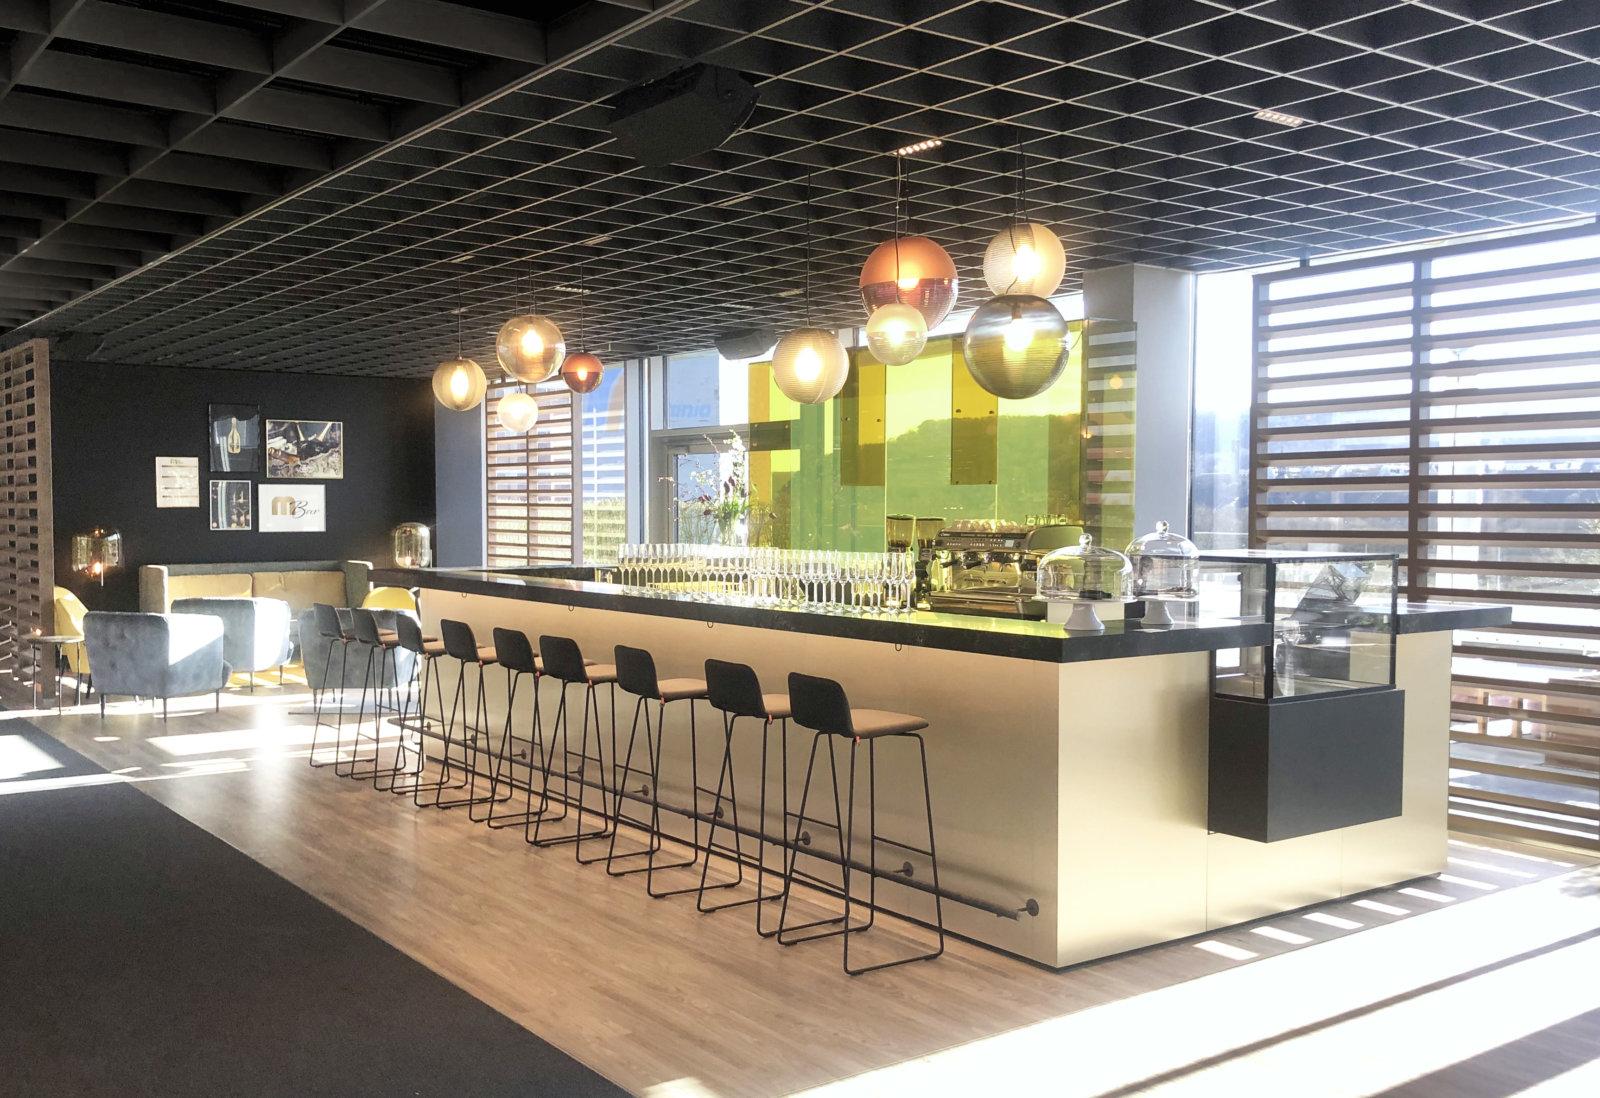 Möbel Martin Restaurant : restaurant und m bar m bel martin saarbr cken hollin ~ Watch28wear.com Haus und Dekorationen